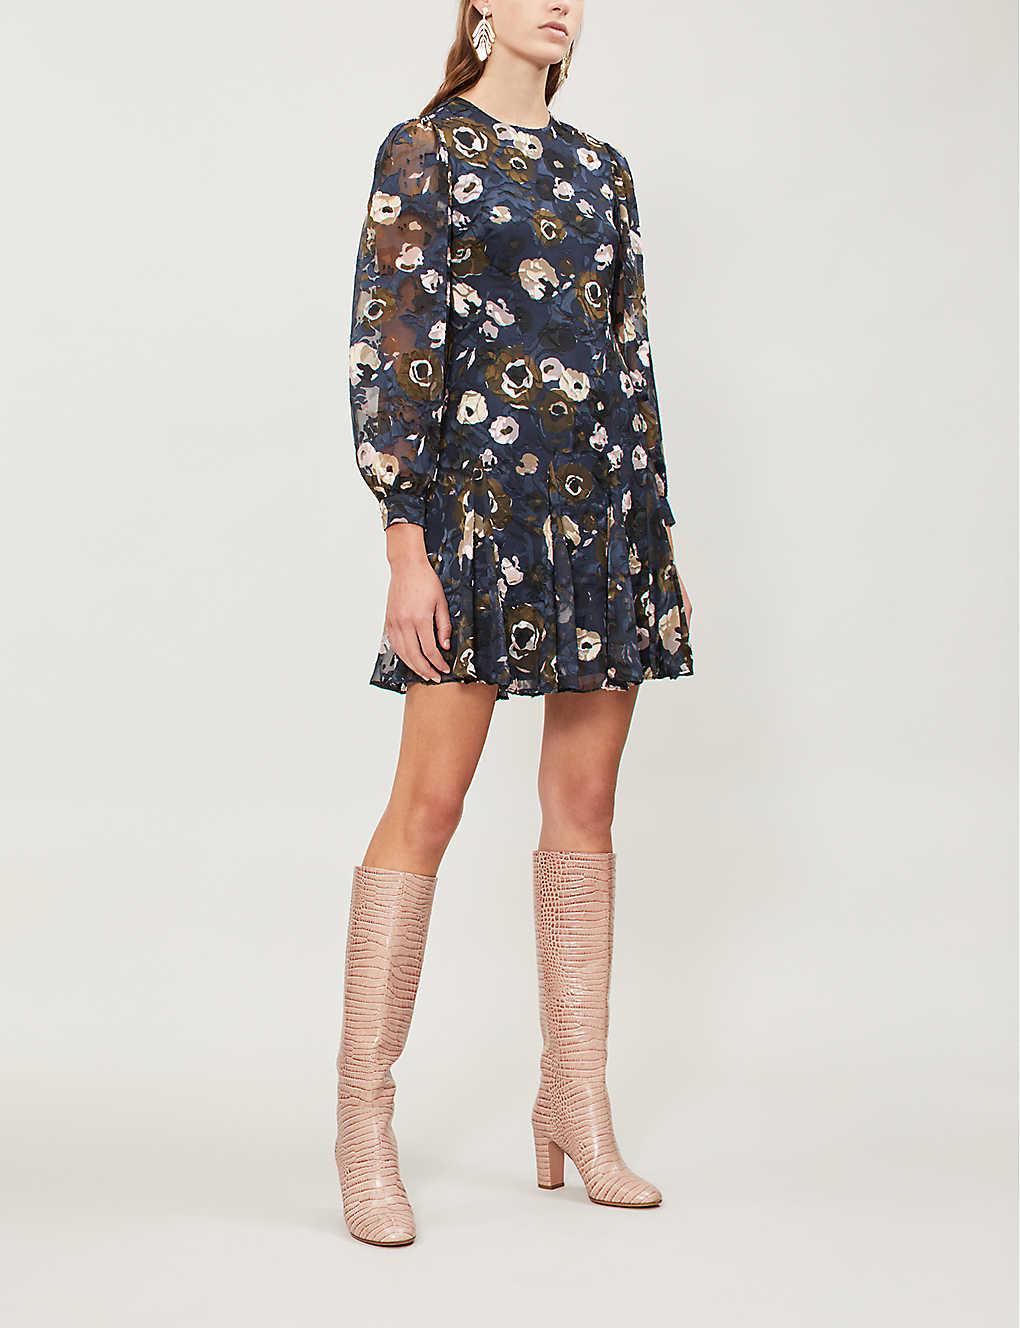 9afd70df395 REISS - Allie floral-appliqué crepe dress